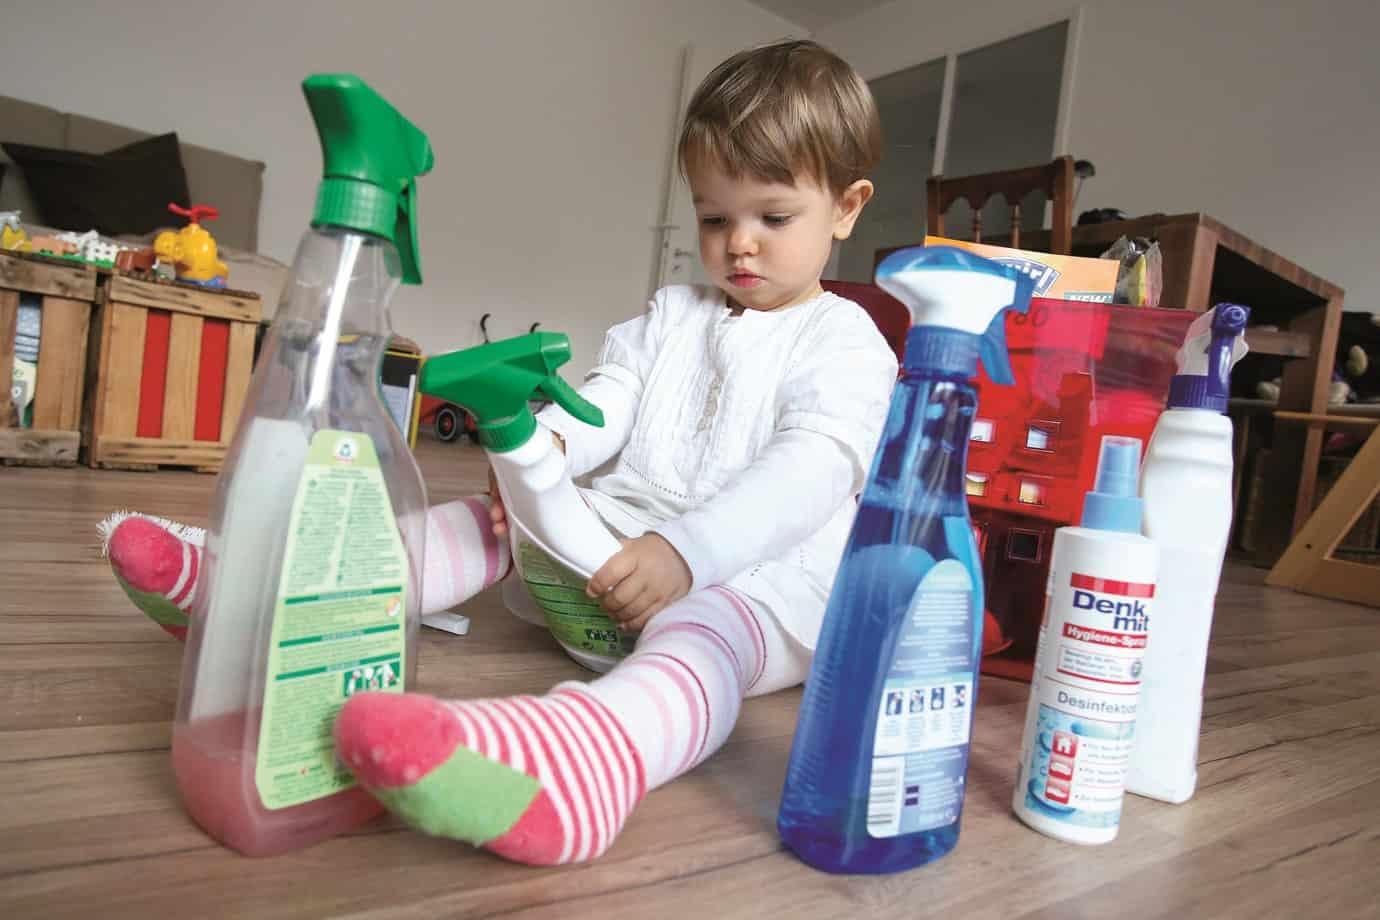 كيف تتصرفين إذا ابتلع طفلك مادة خطرة؟